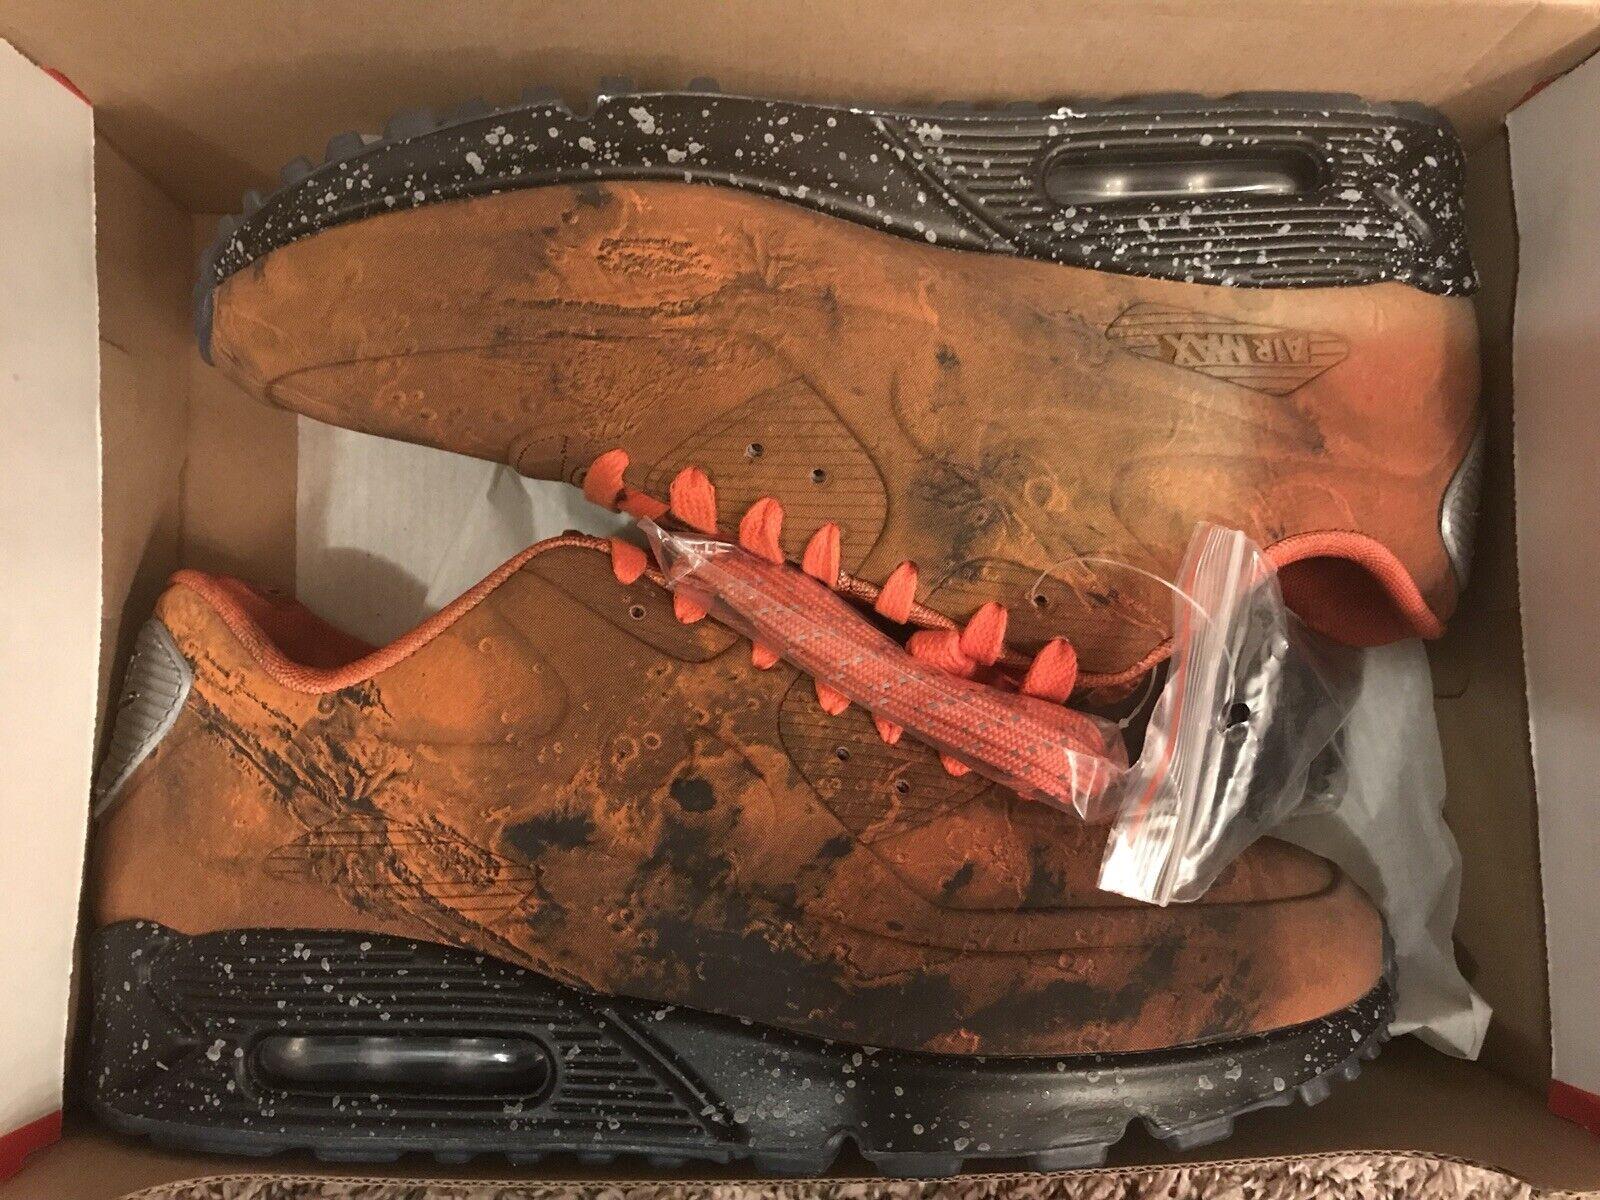 39fe7086 NIKE AIR 90 QS MARS LANDING MARS Stone Magma orange SIZE 10 US MAX  neihtb7185-Athletic Shoes